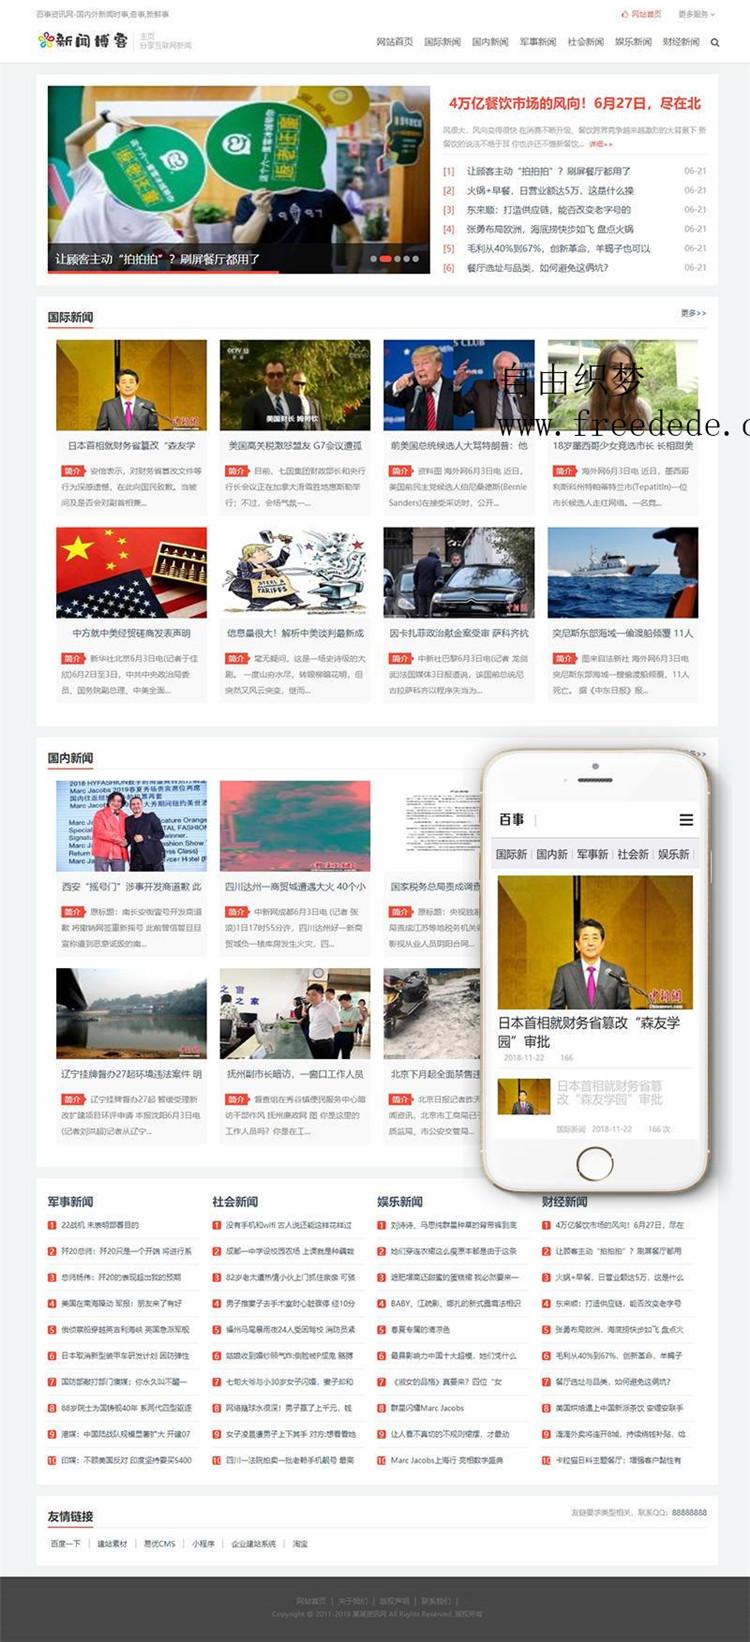 爱上源码网文章dedecms模板下载 简单个人博客类网站织梦模板(自适应手机端)的内容插图